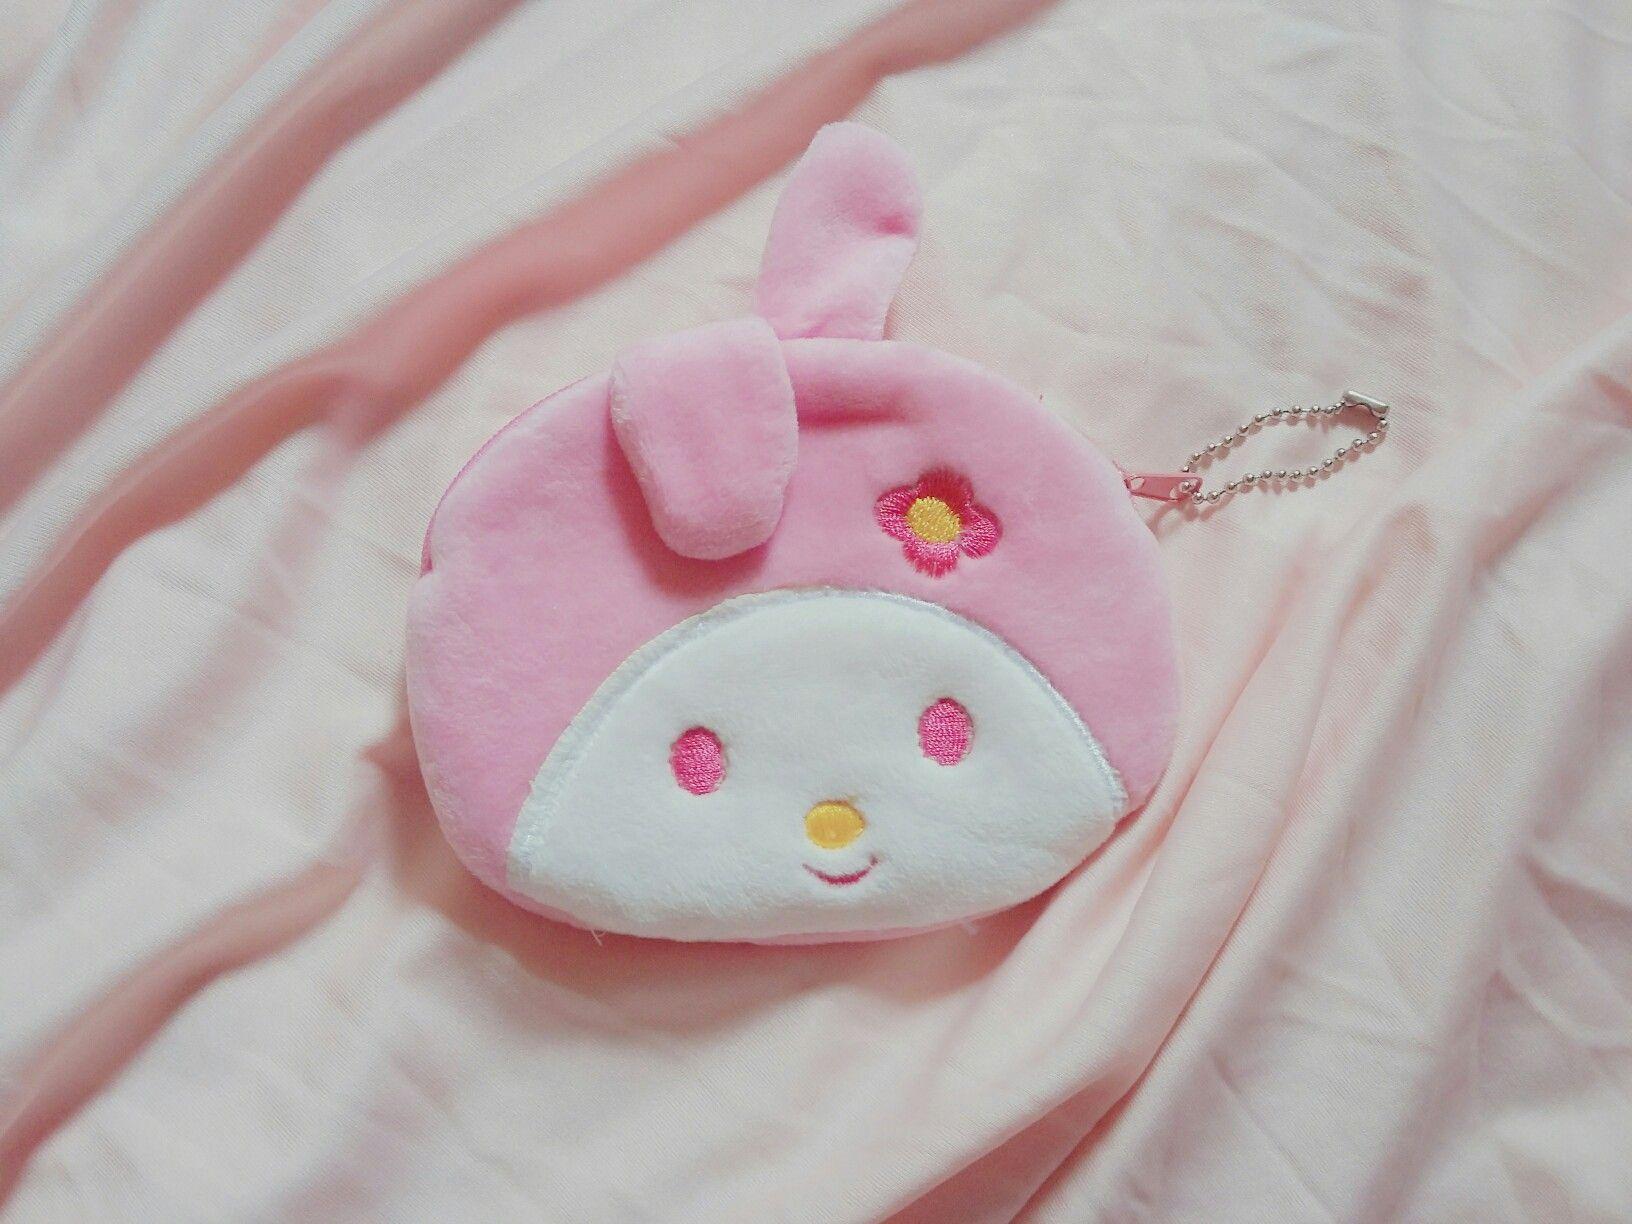 #peach #pink #pastel #cute #cutestuff #melody